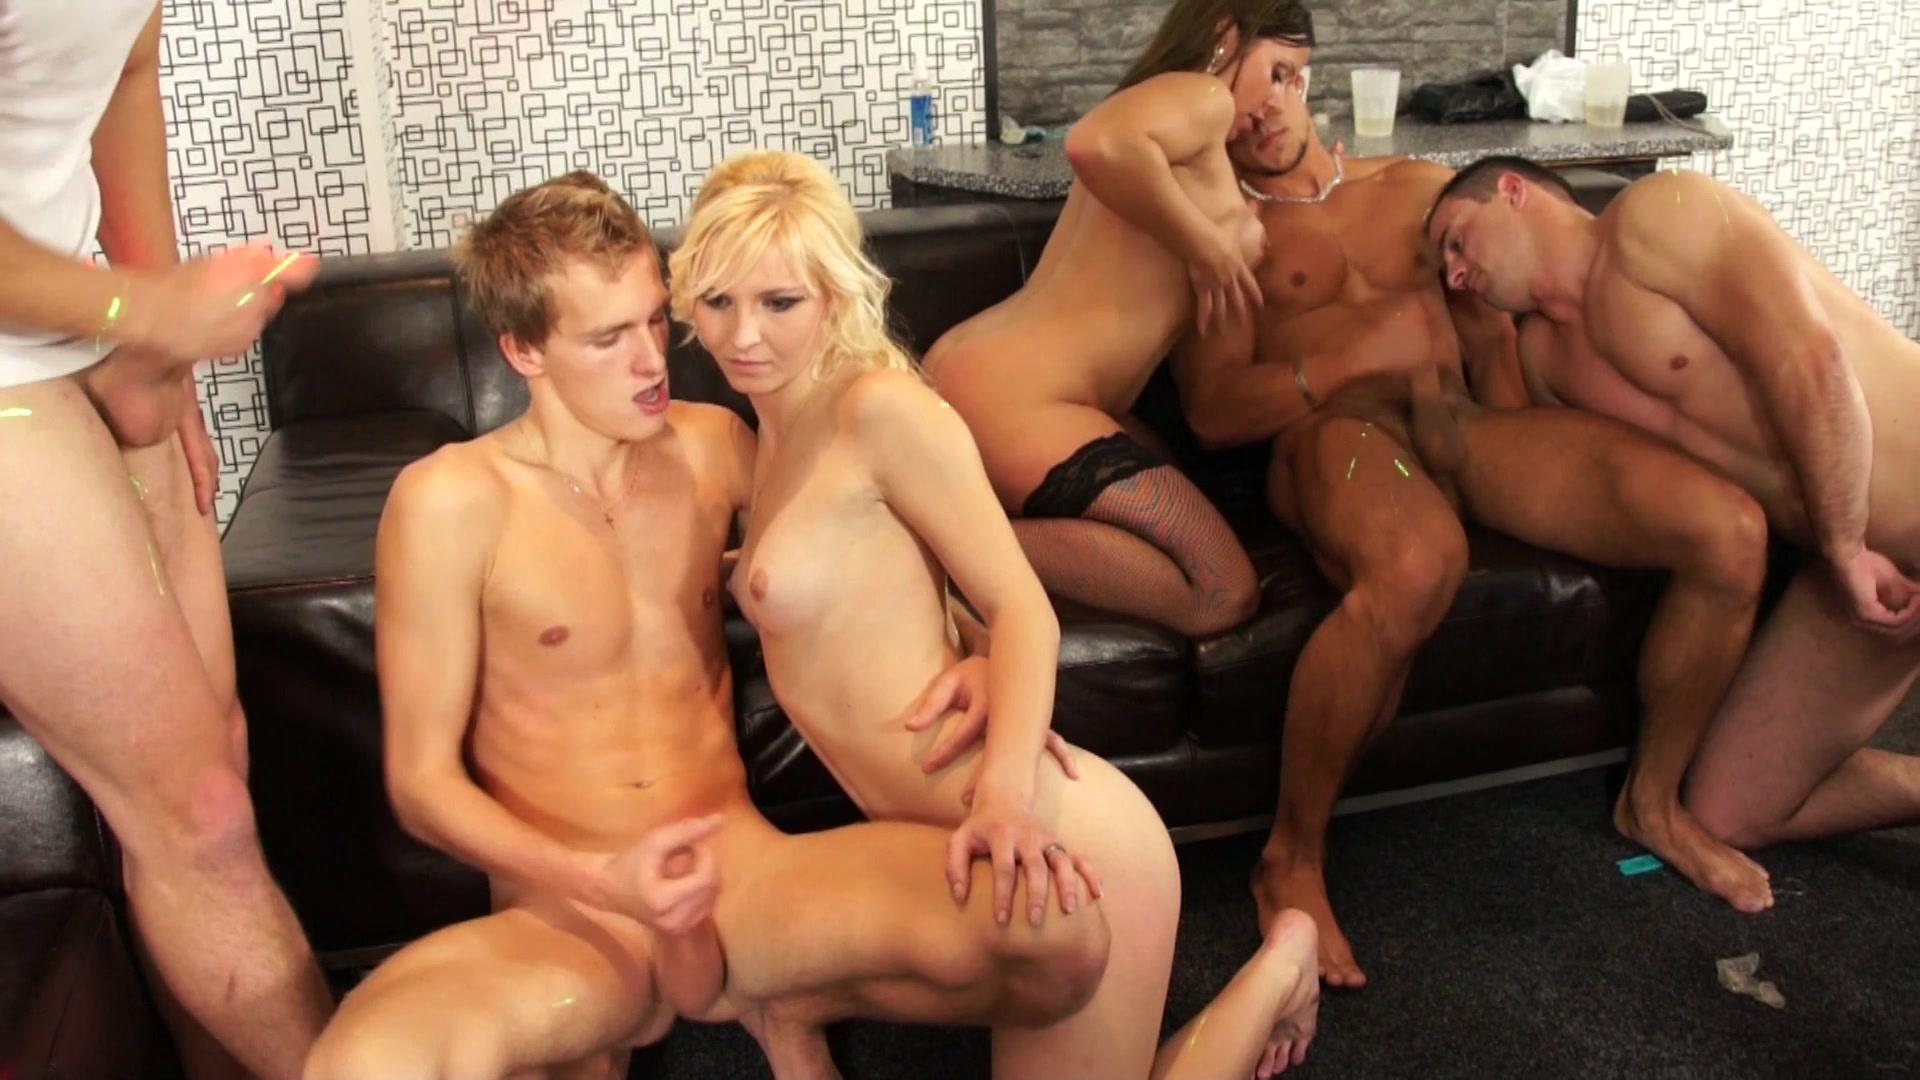 портале открыта бисексуалы вечеринка видео быть, это был